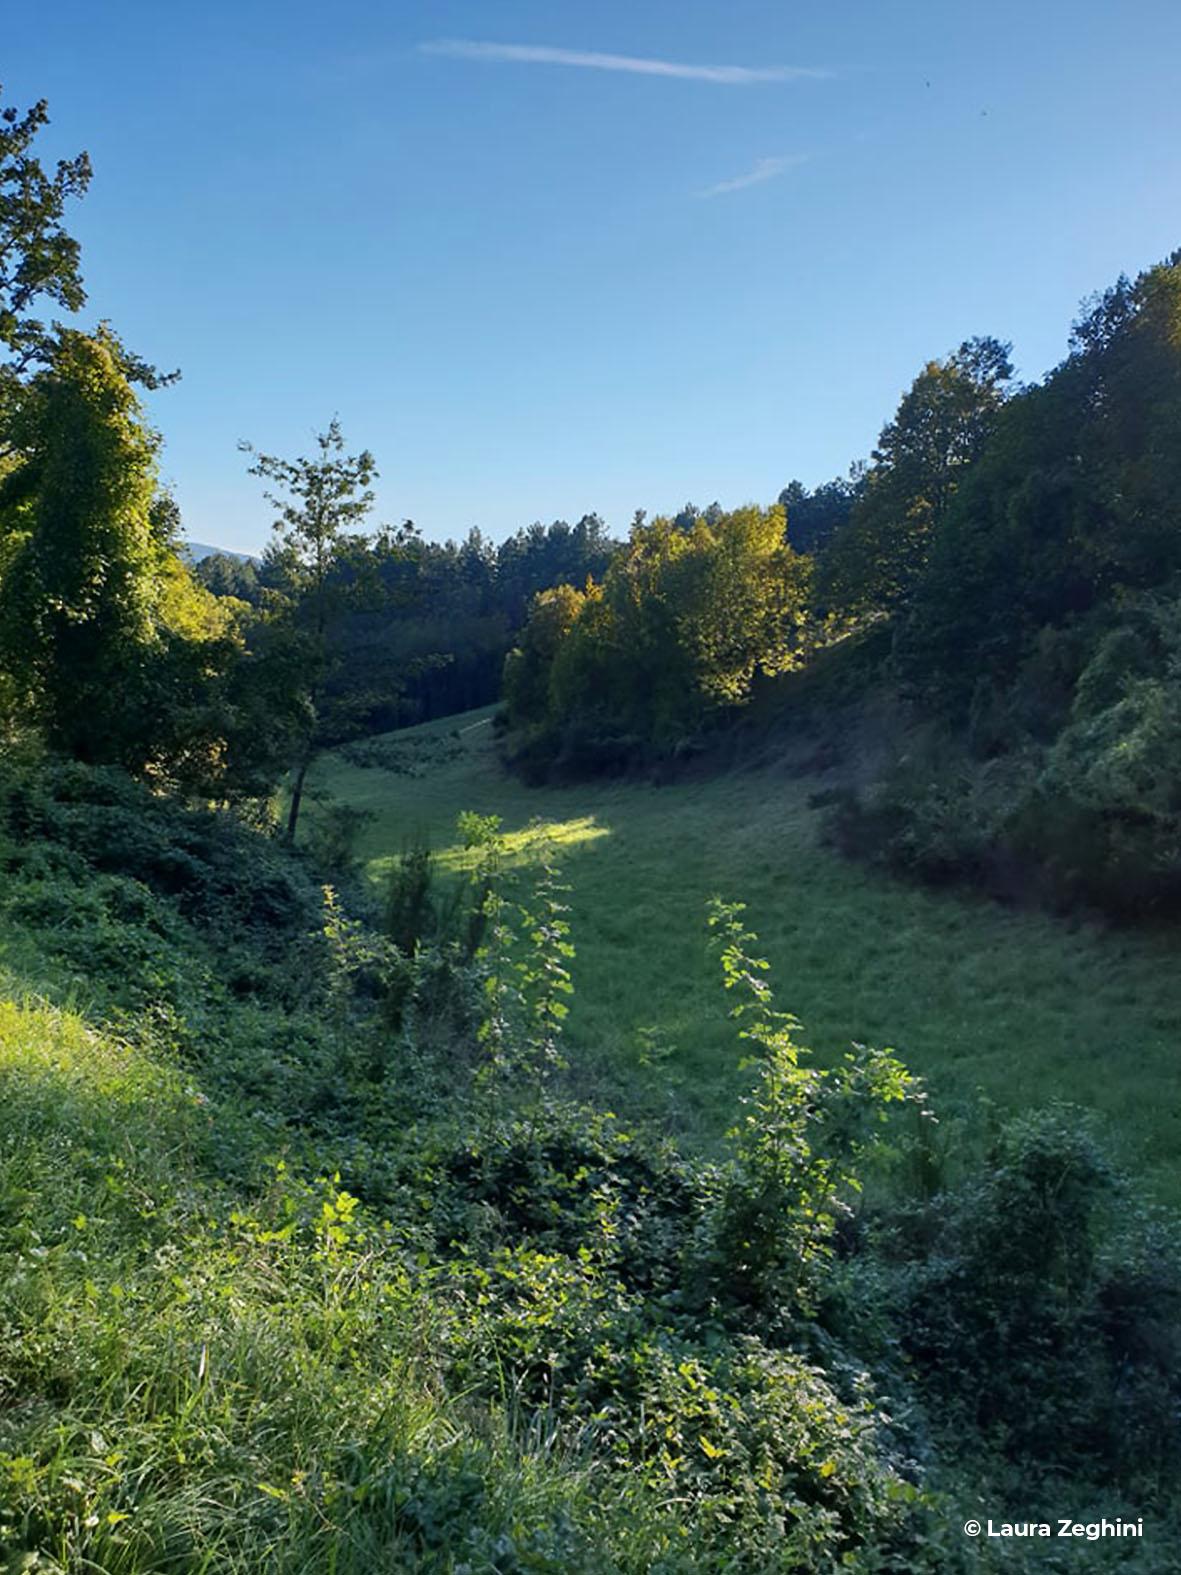 Chiusi della Verna - Progettoidea chiusi della verna (©laura zeghini)